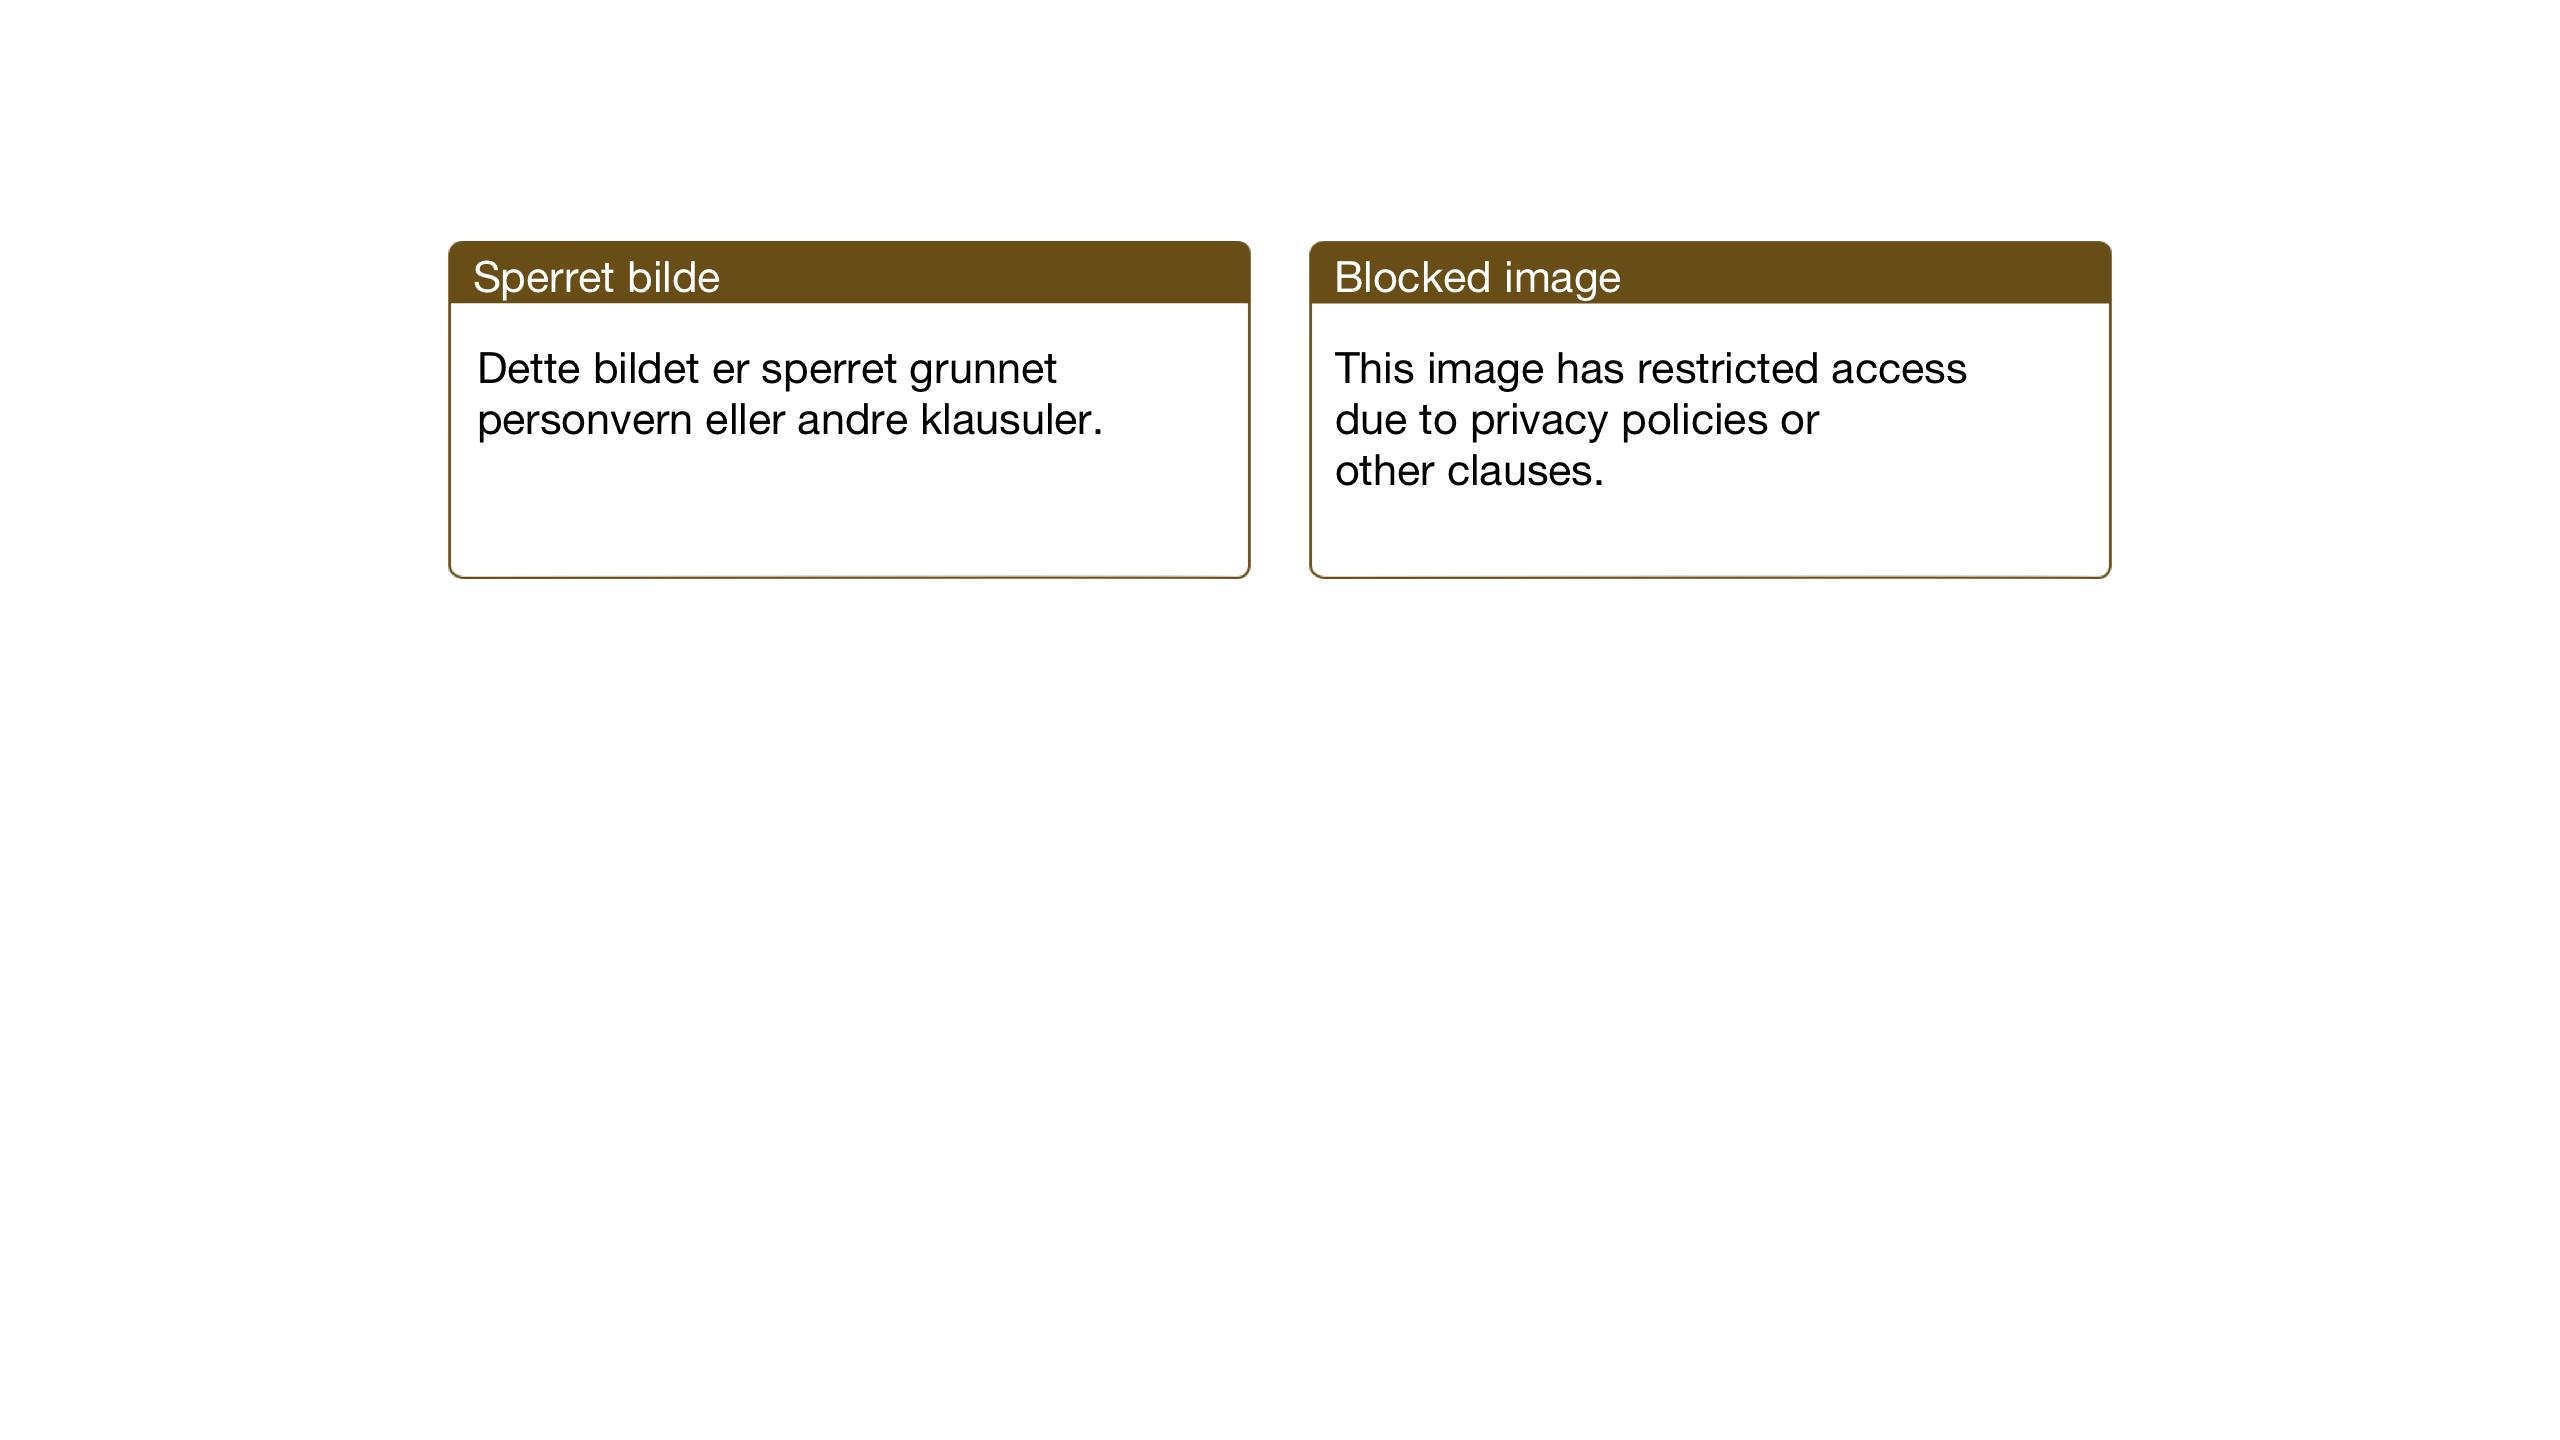 SAT, Ministerialprotokoller, klokkerbøker og fødselsregistre - Nord-Trøndelag, 720/L0193: Klokkerbok nr. 720C02, 1918-1941, s. 32